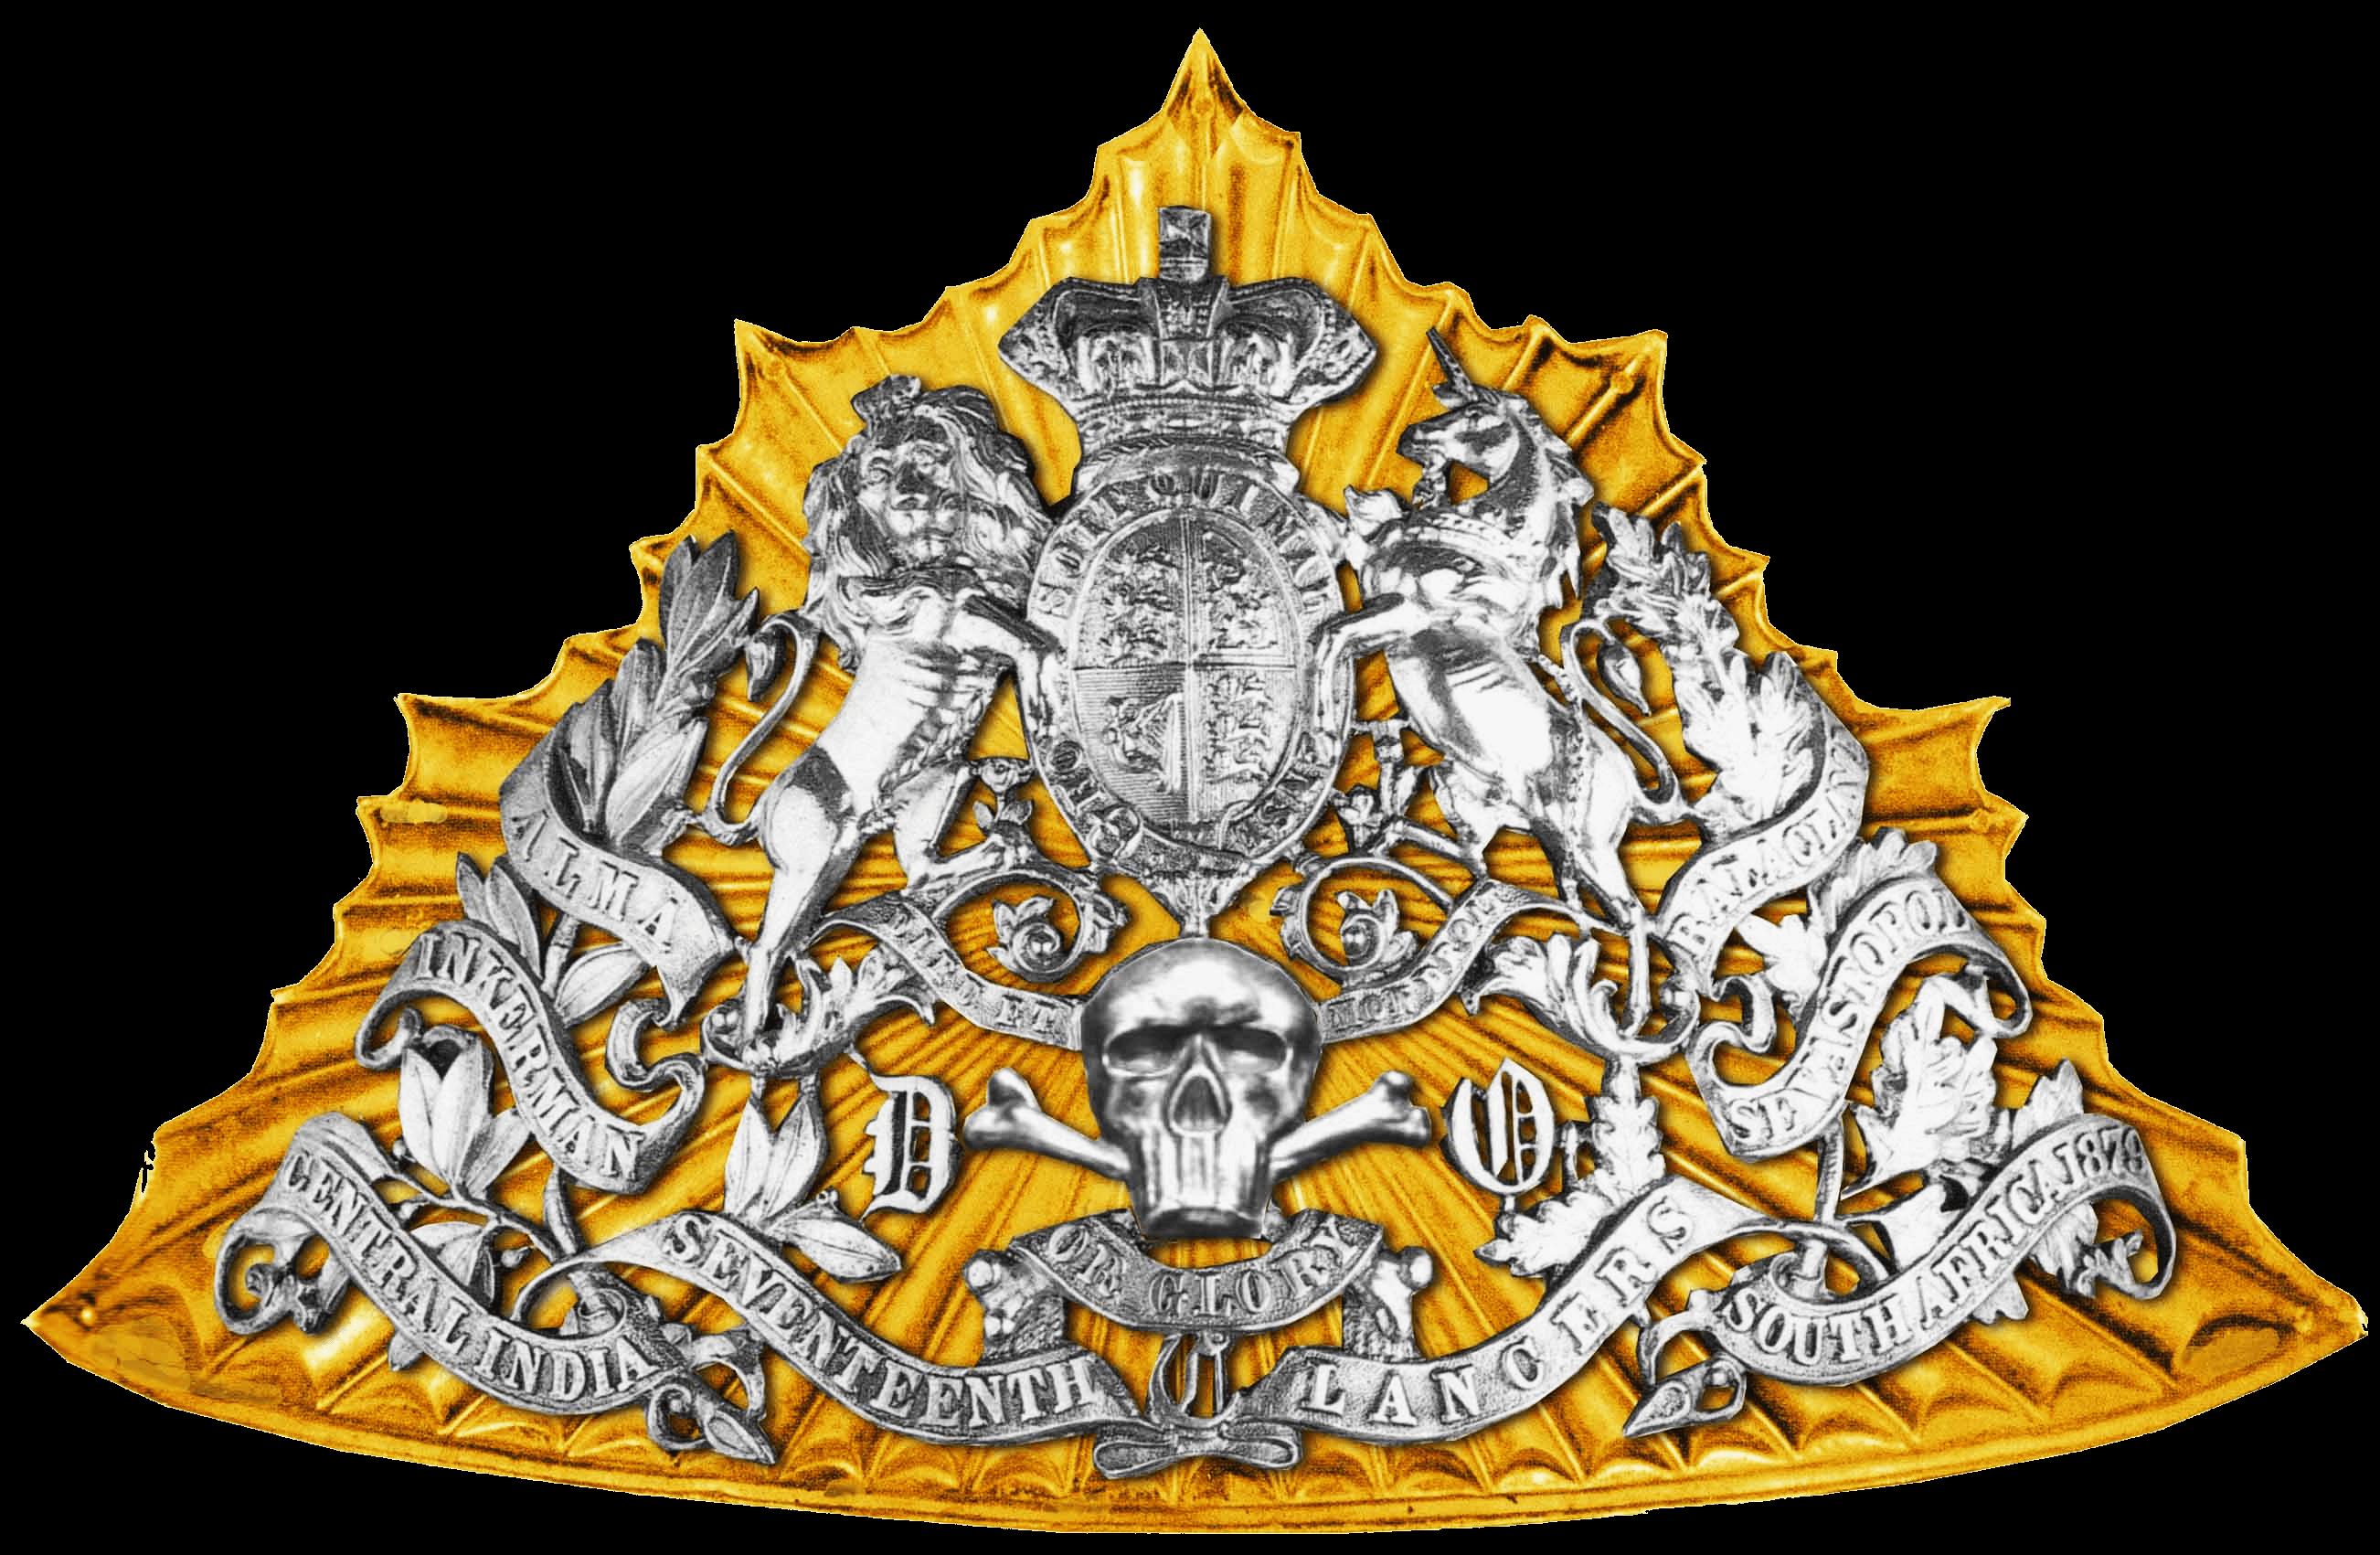 Лицевая накладка на уланскую шапку 17 уланского полка, 1881 – 1902 годы.